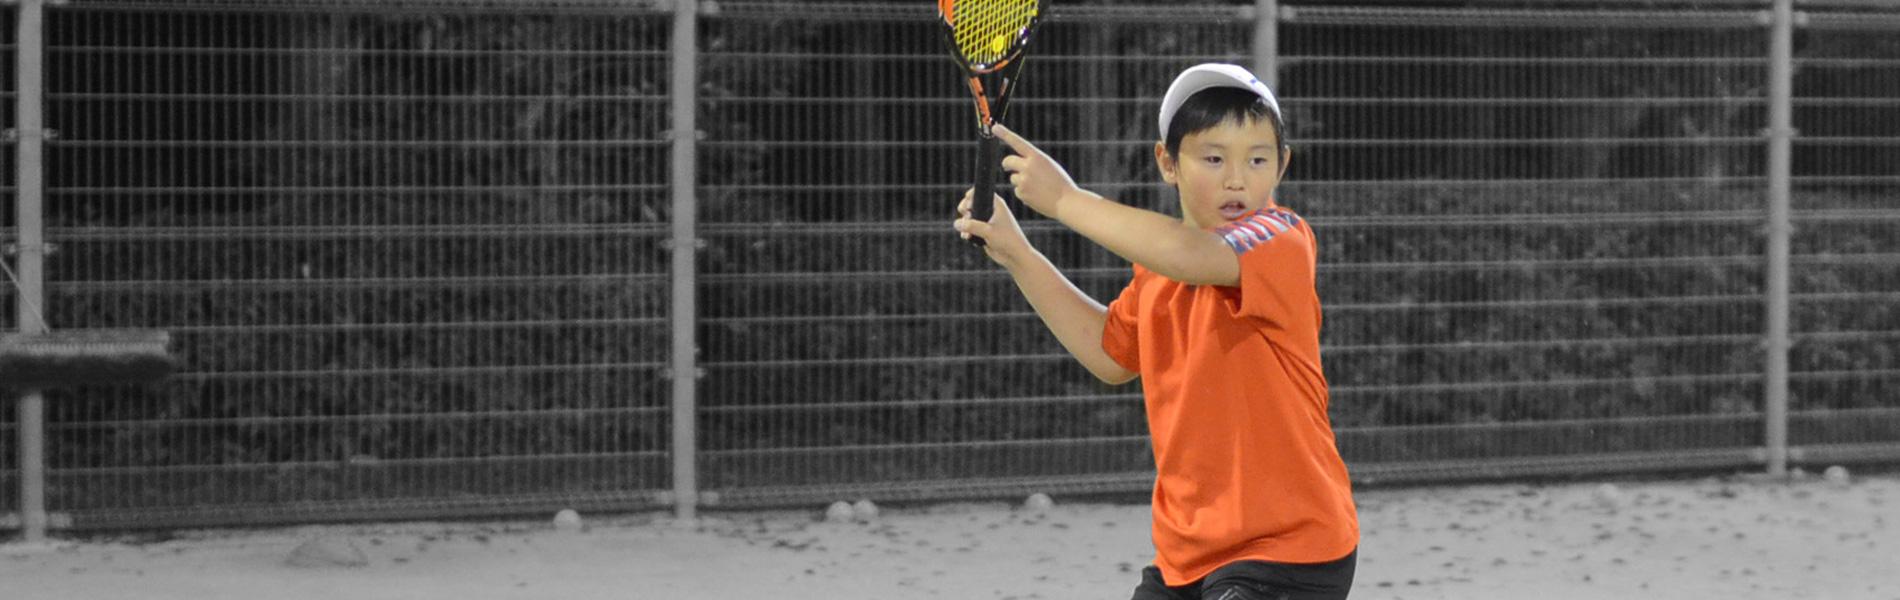 倉敷テニススクール所属:高橋 廉汰朗